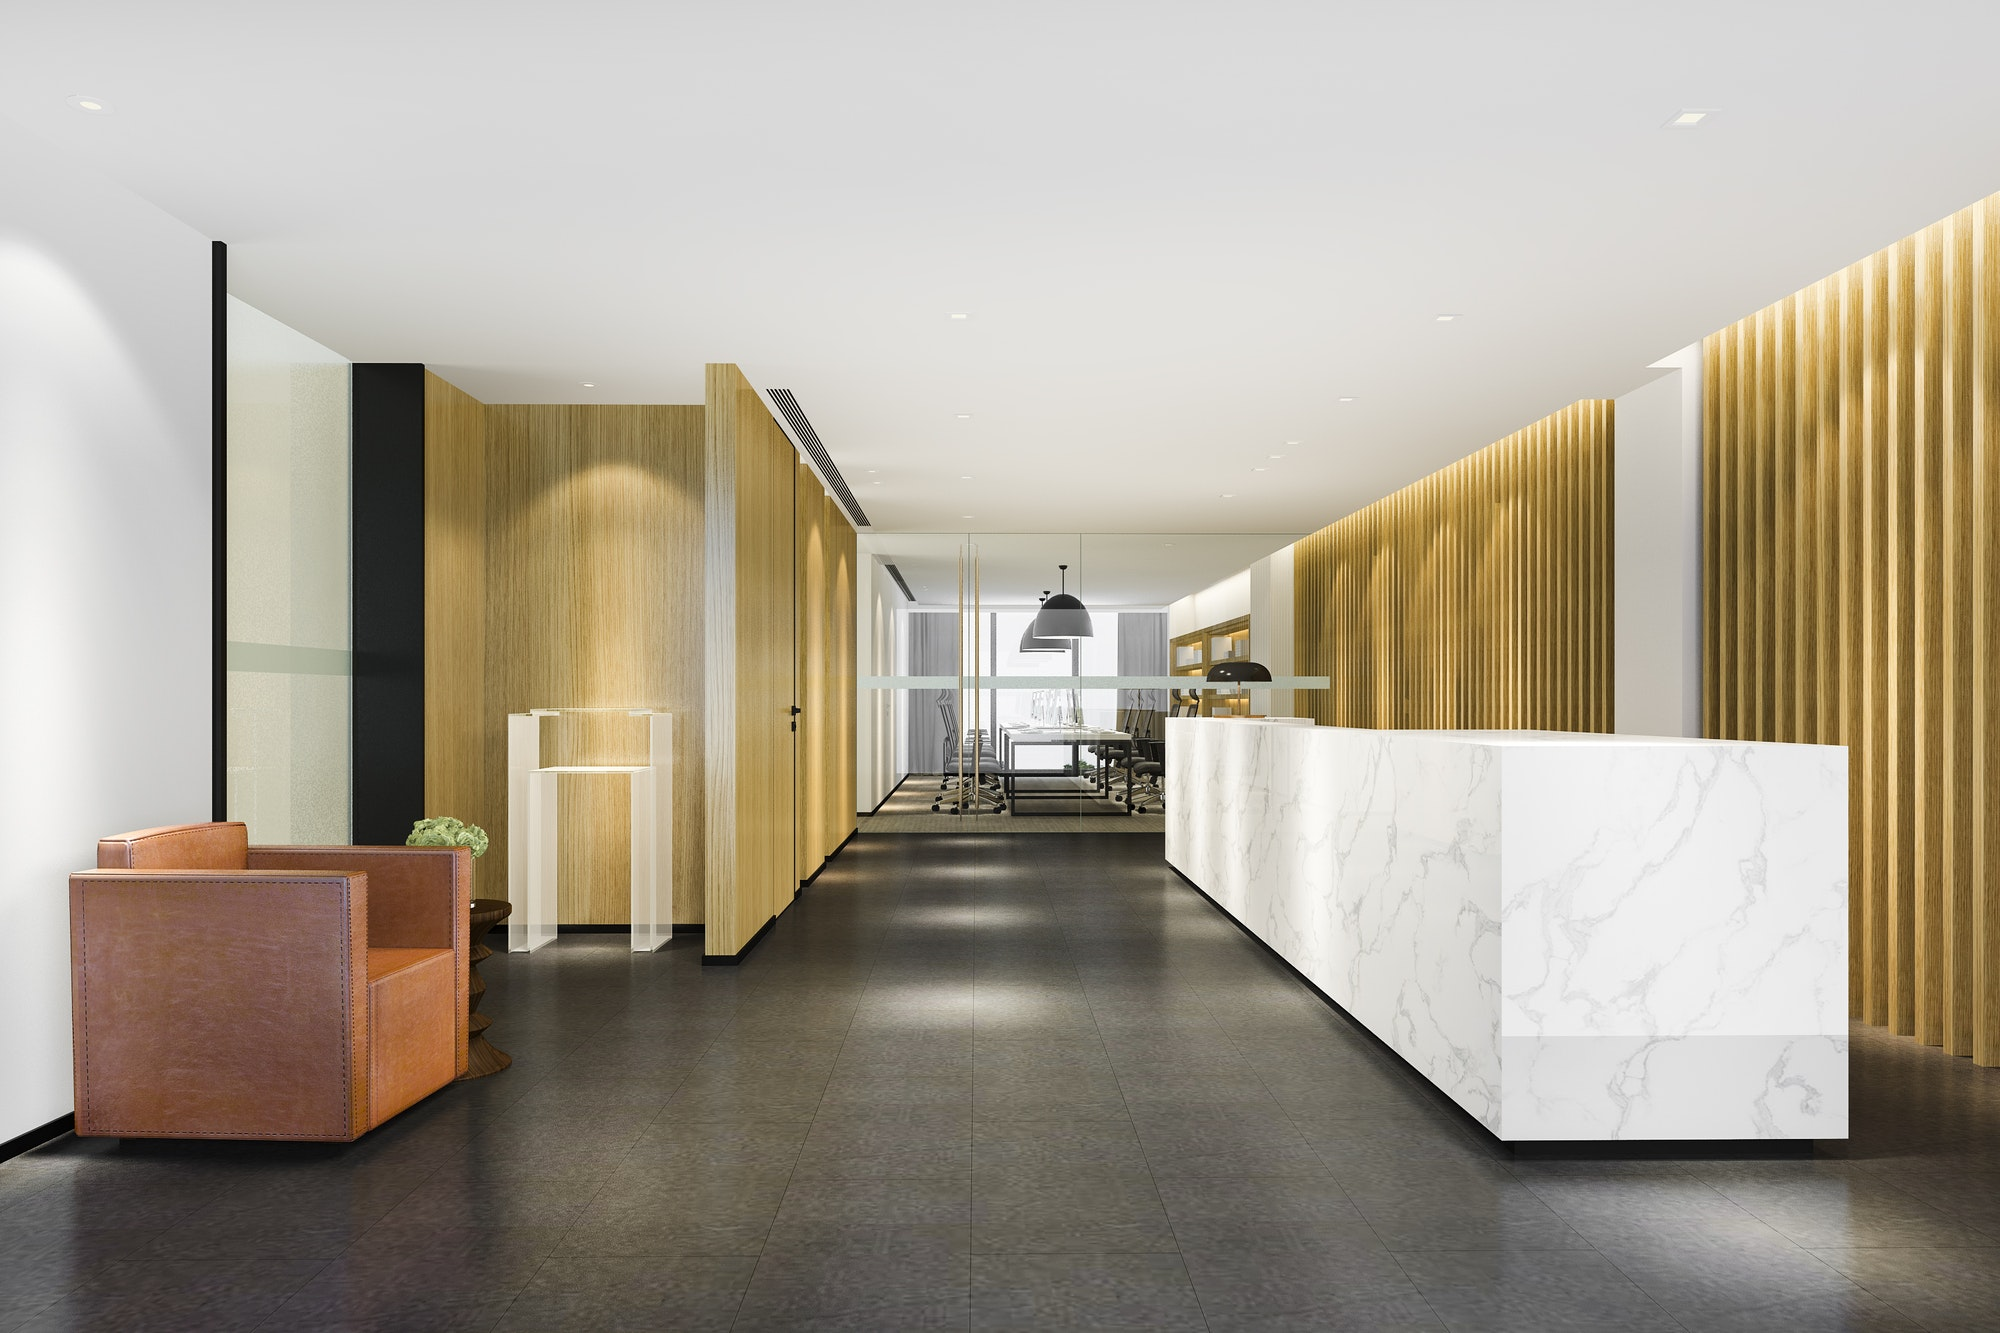 Proyectos Reformas Albacete moderno hotel de lujo y recepción de oficina